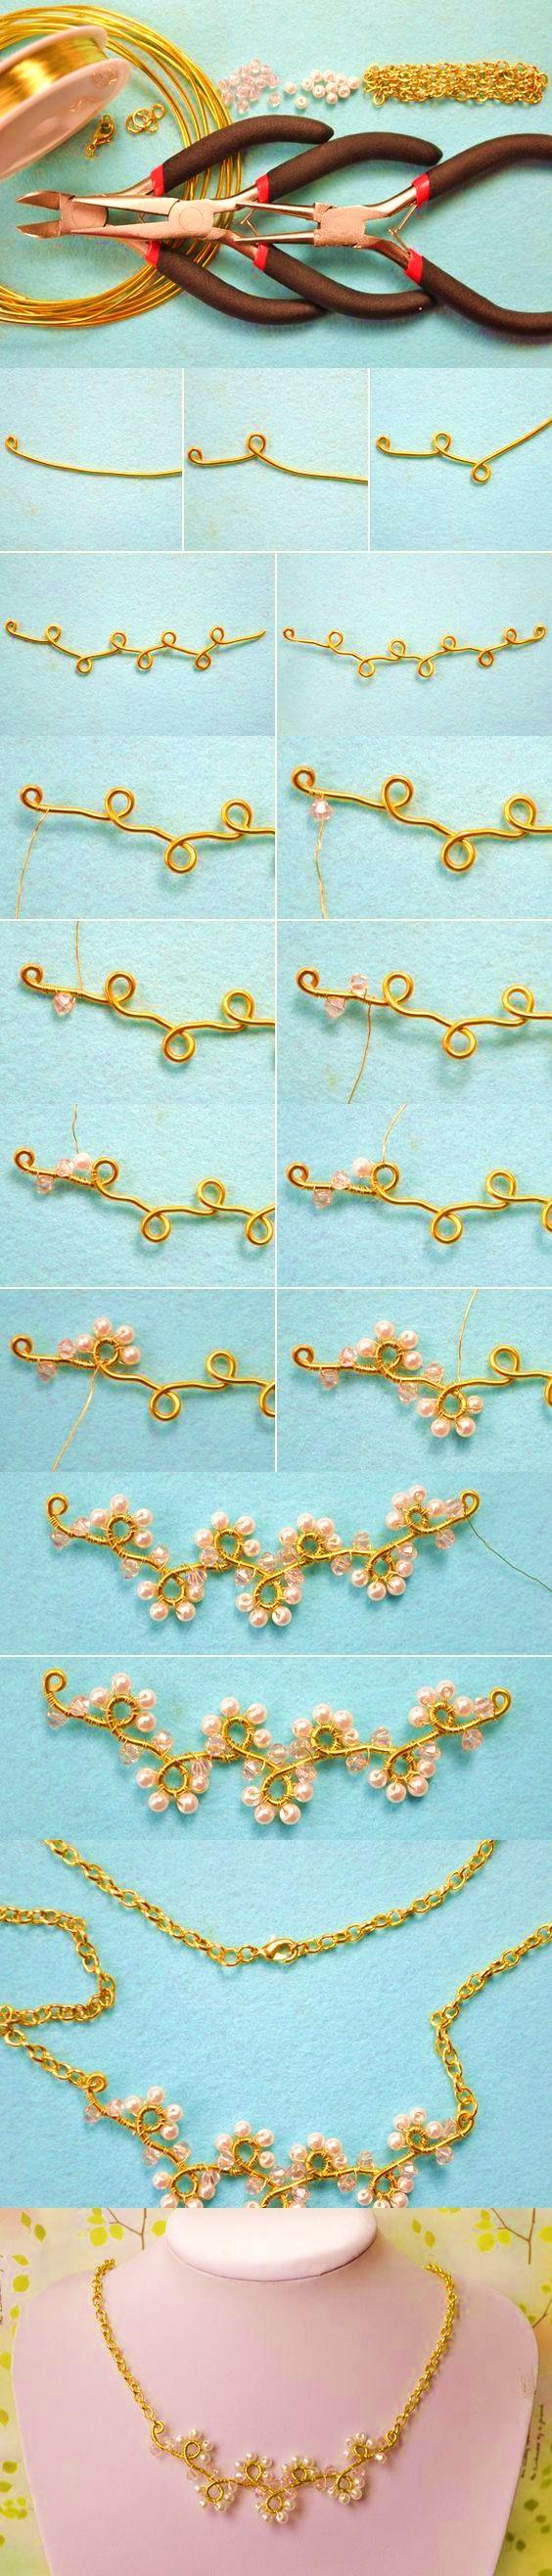 collar alambrismo bisuteria paso a paso alambre dorado diy joyeria ecuador españa mexico